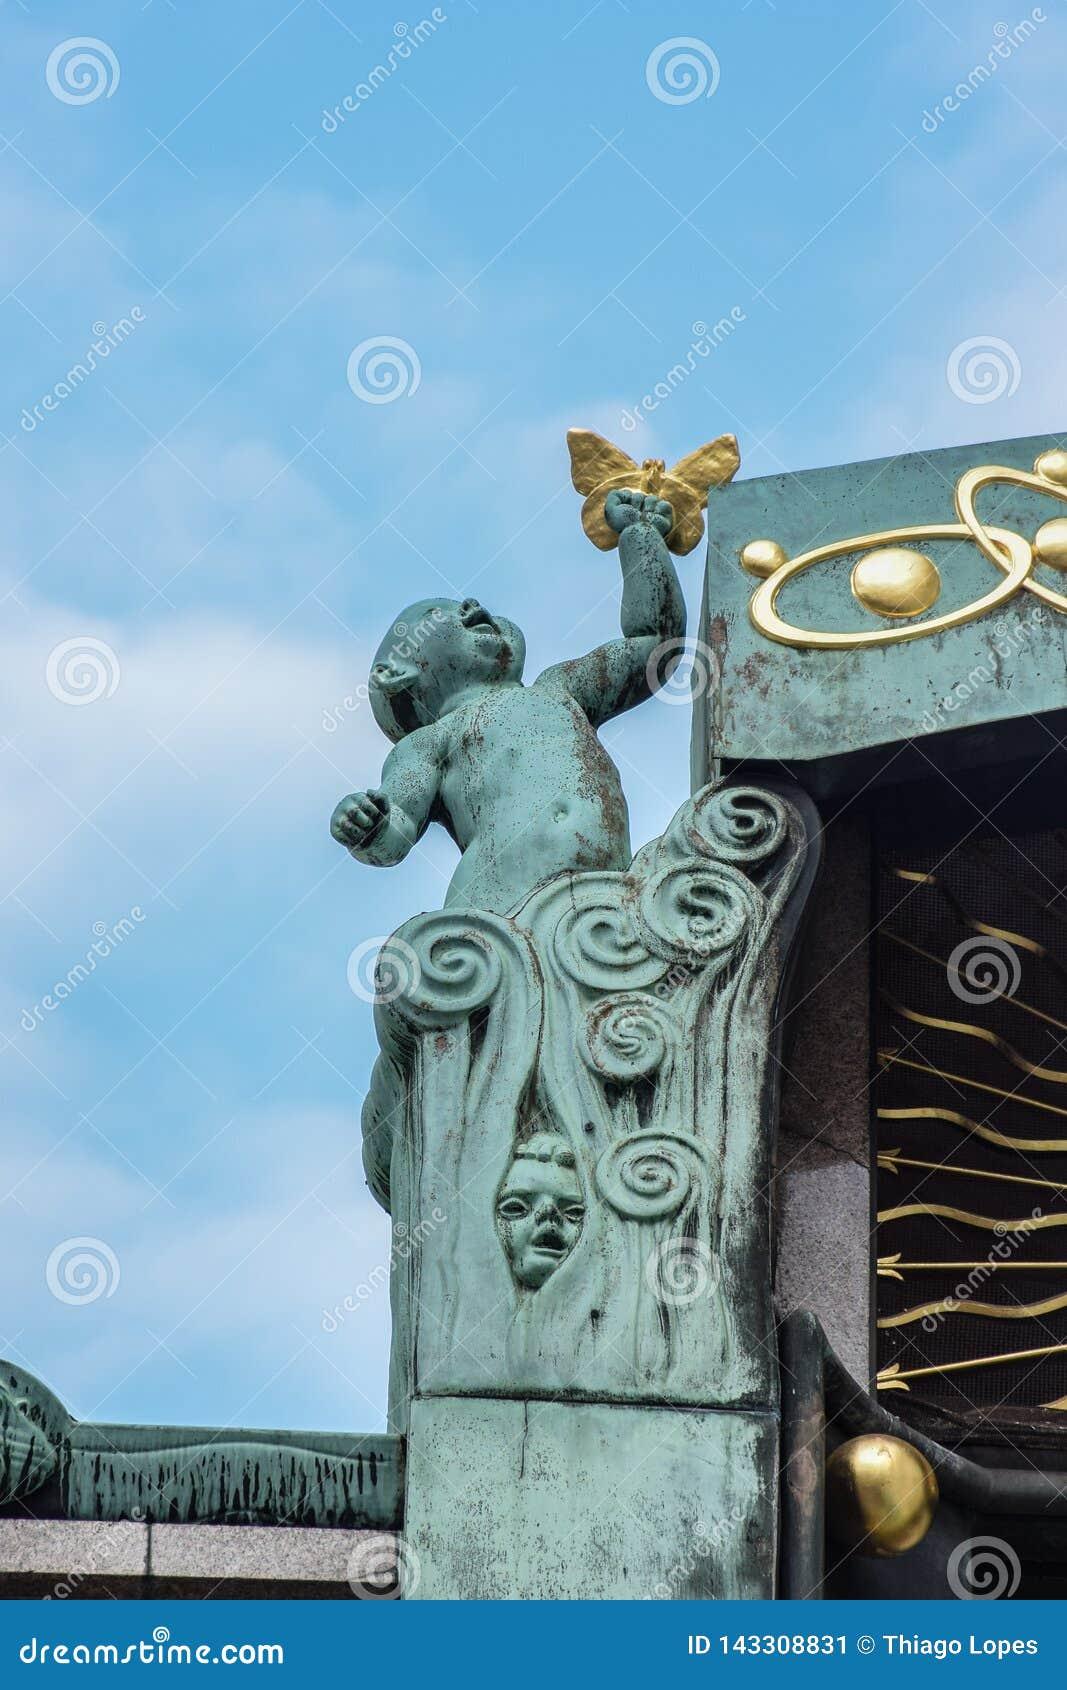 Wien, Österreich - September, 15, 2019: Baby mit einem Schmetterling, der Geburt und das Leben, Teil der Anker-Uhr darstellt